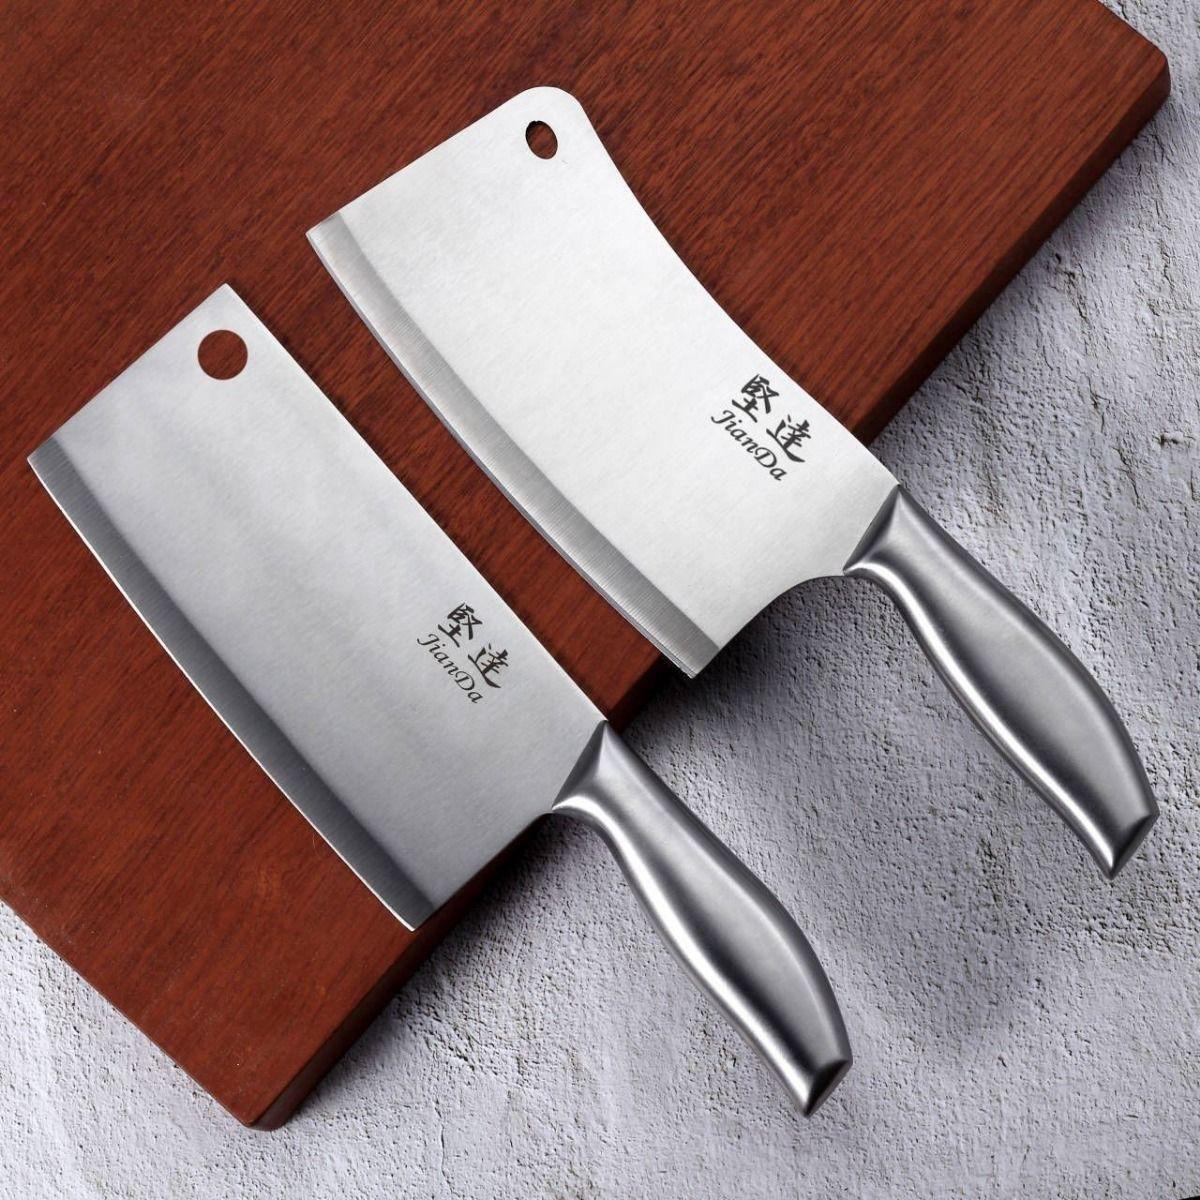 全钢家用菜刀不锈钢砍骨刀切片刀切肉刀厨房刀具免磨刀锋利全钢刀